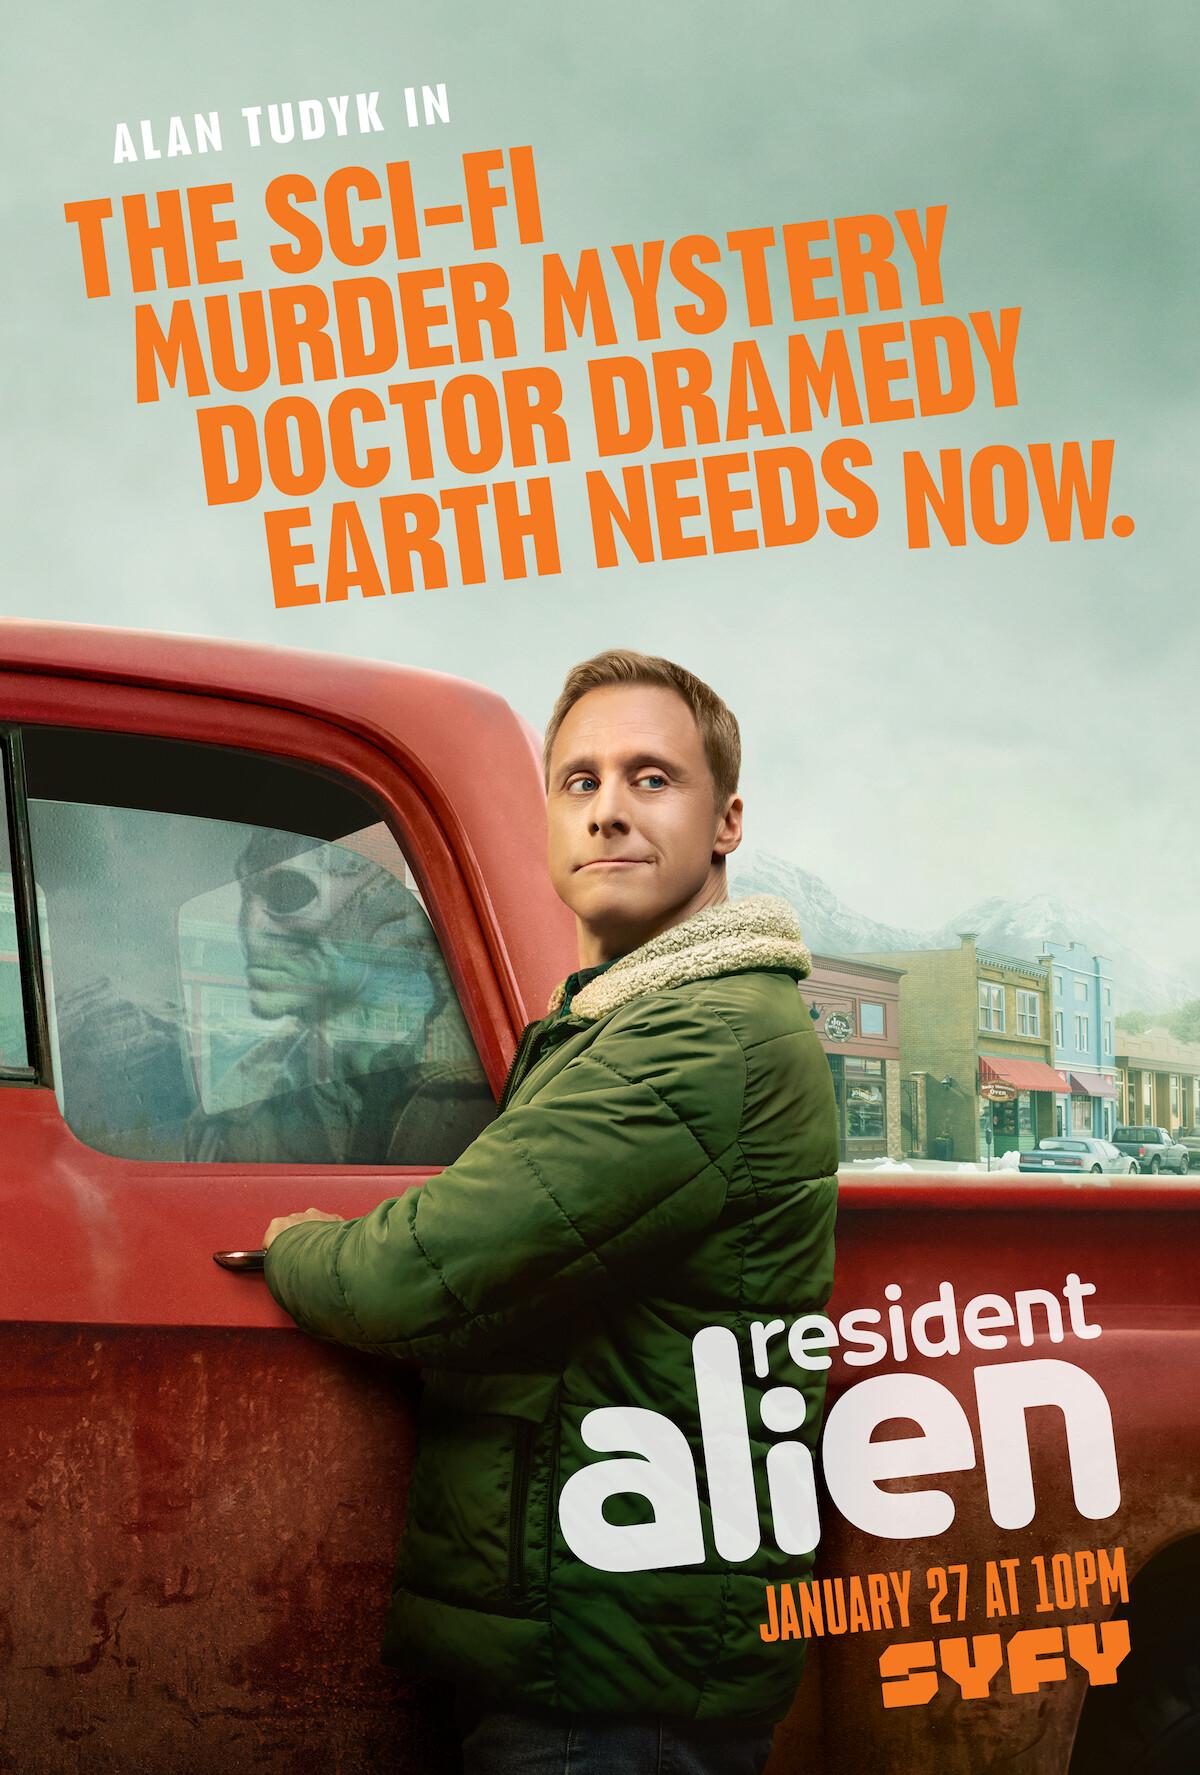 resident-alien-syfy-alan-tudyk-poster